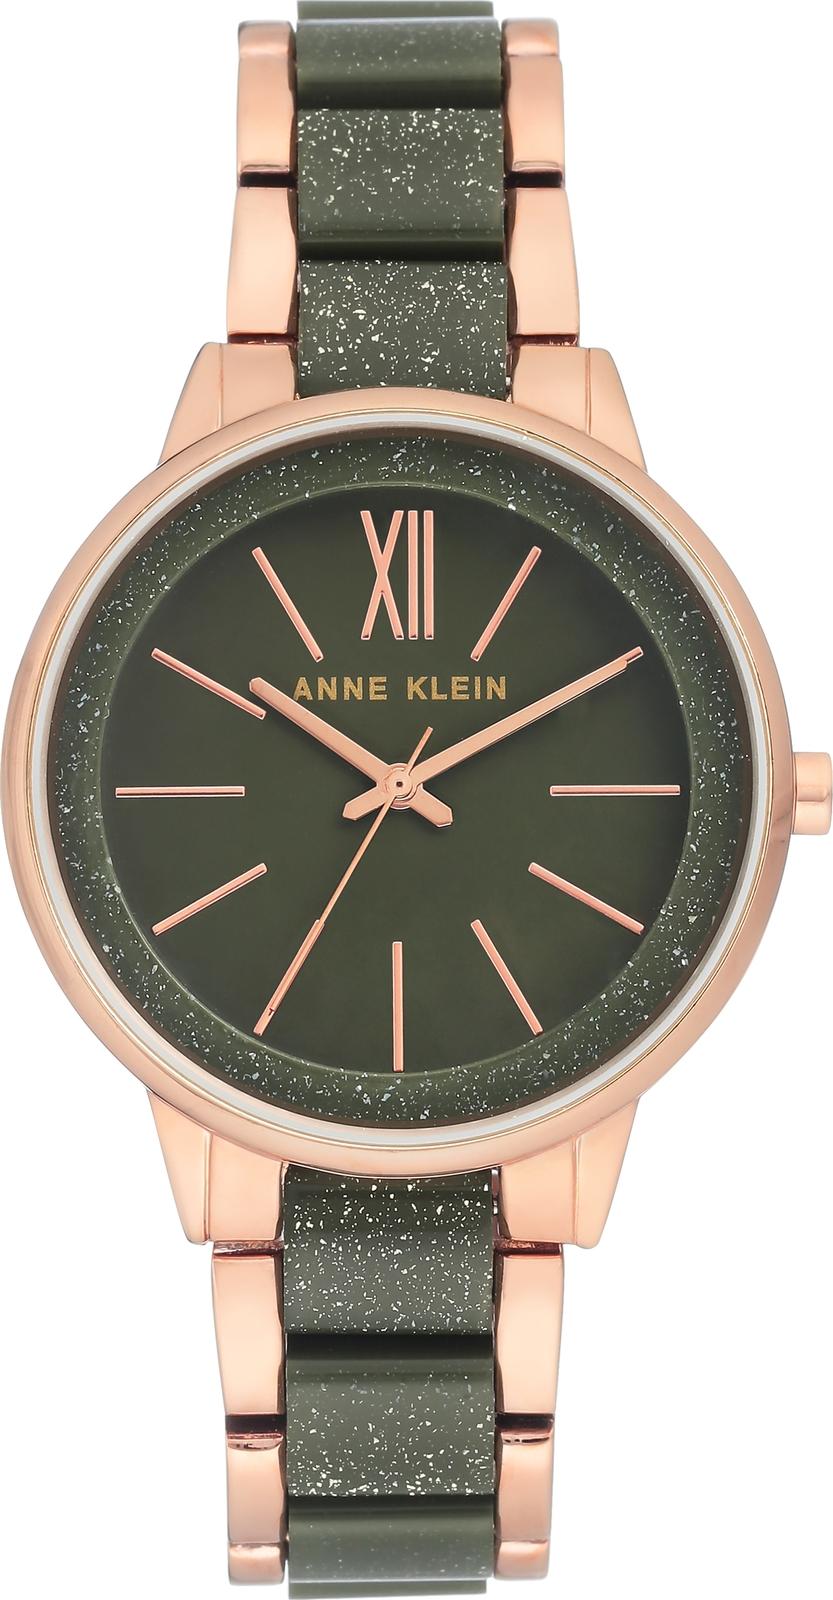 Наручные часы Anne Klein женские оливковый женские часы anne klein 3352pkst